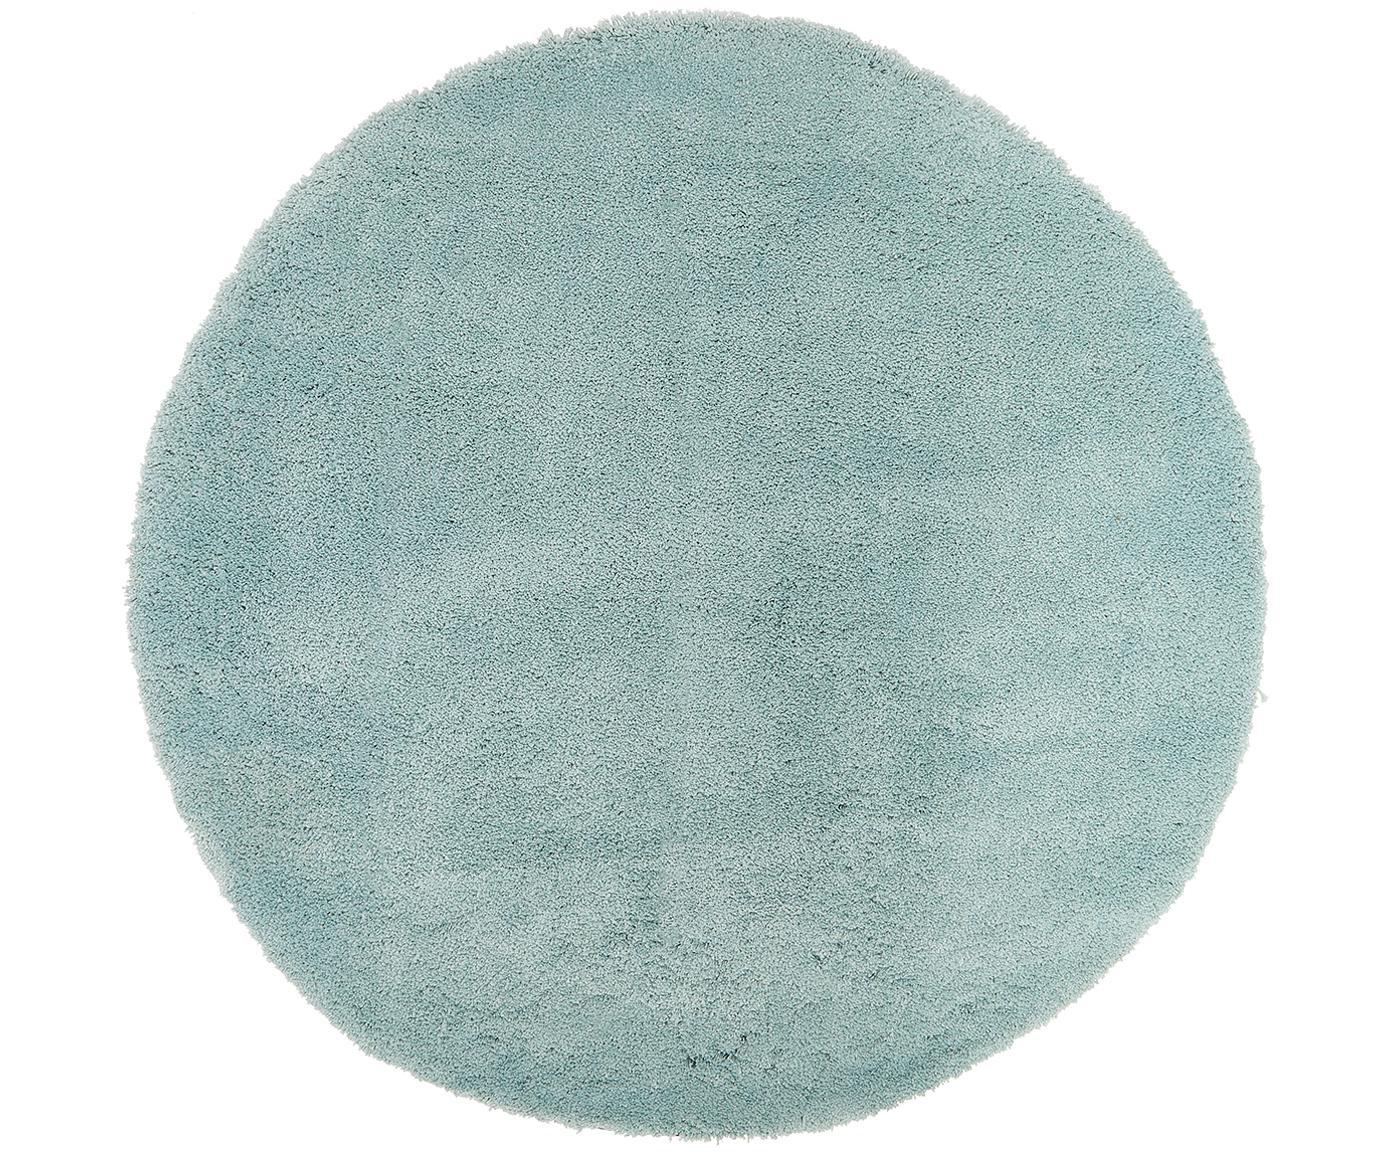 Rond hoogpolig vloerkleed Leighton in mintgroen, Bovenzijde: 100% polyester (microveze, Onderzijde: 100% polyester, Mintgroen, Ø 120 cm